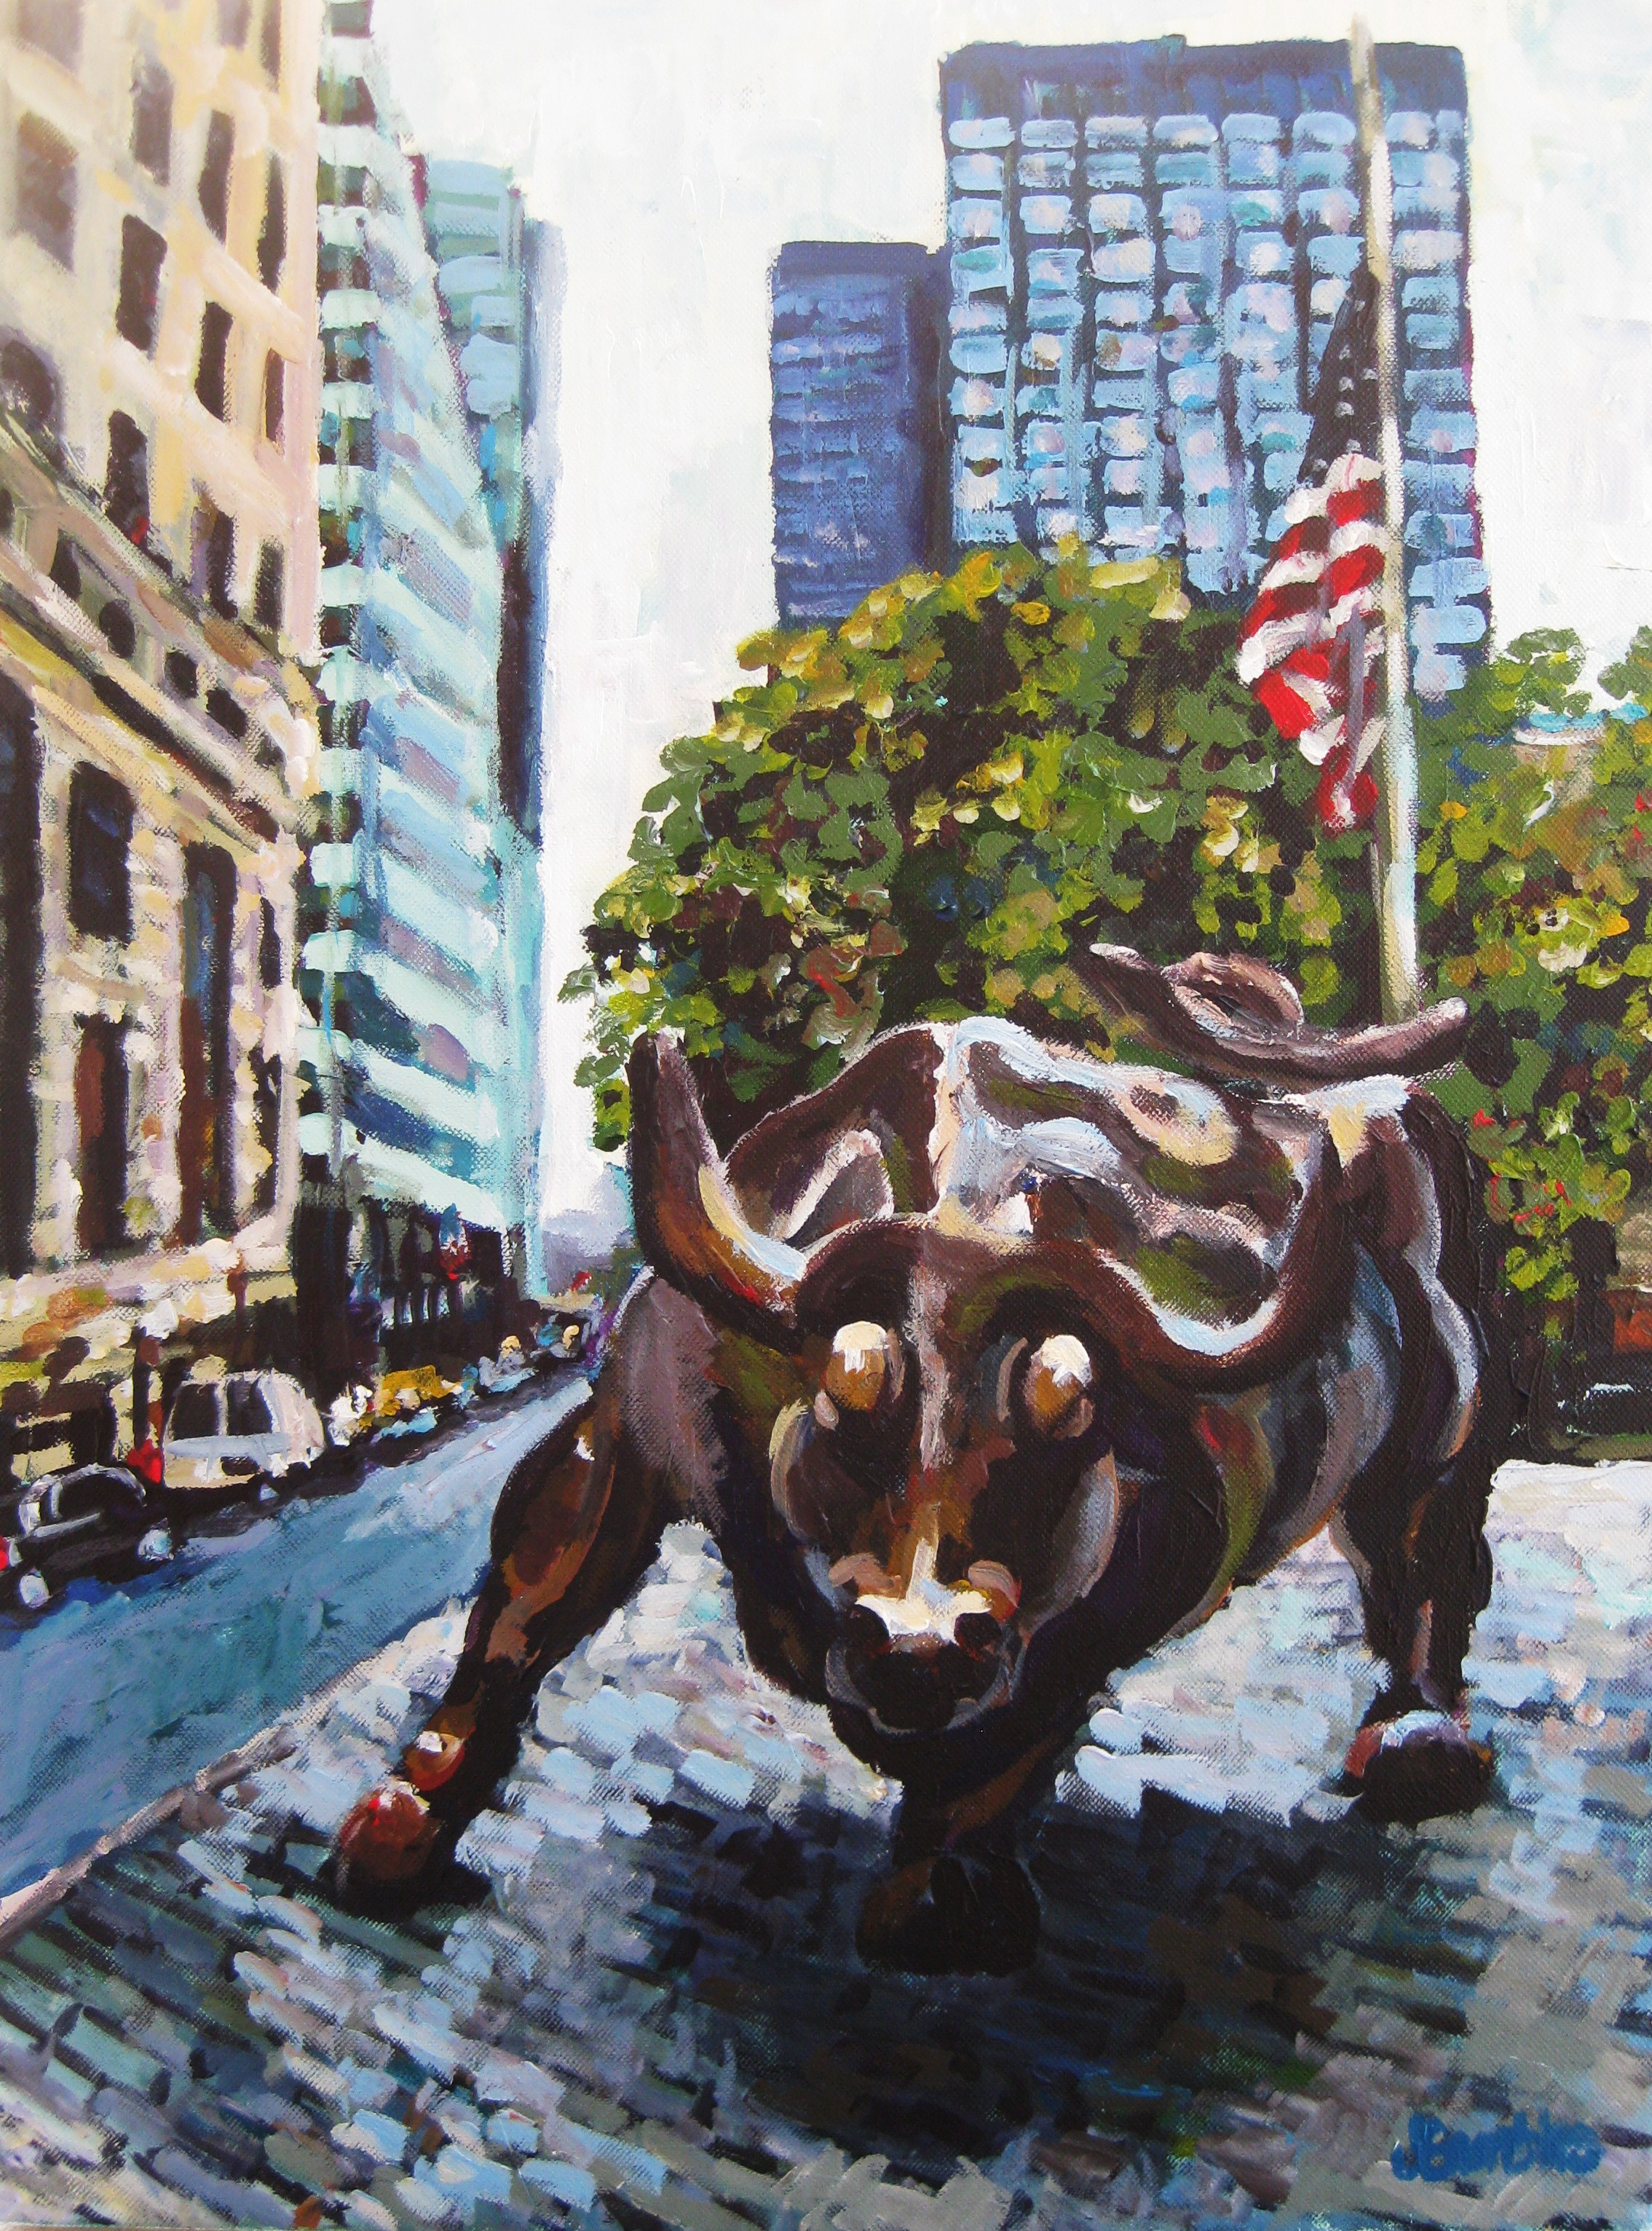 Wall Street 18x24